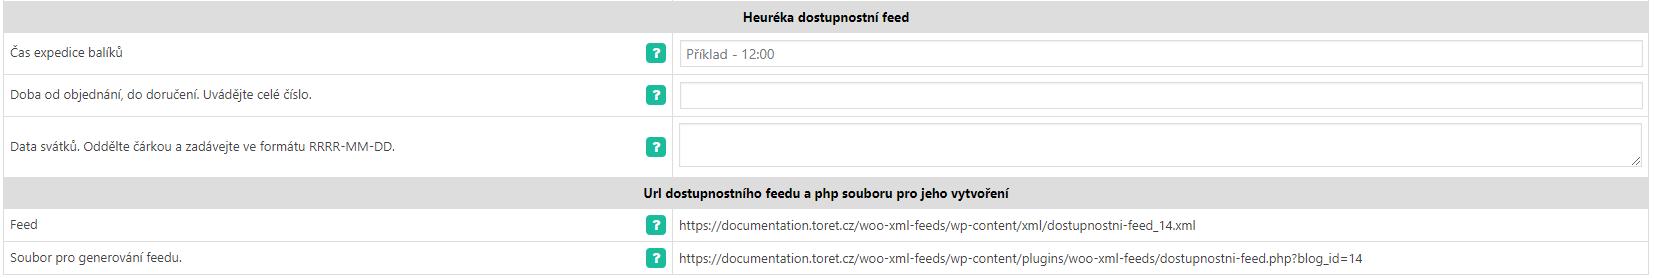 Heuréka Dostupnostní feed